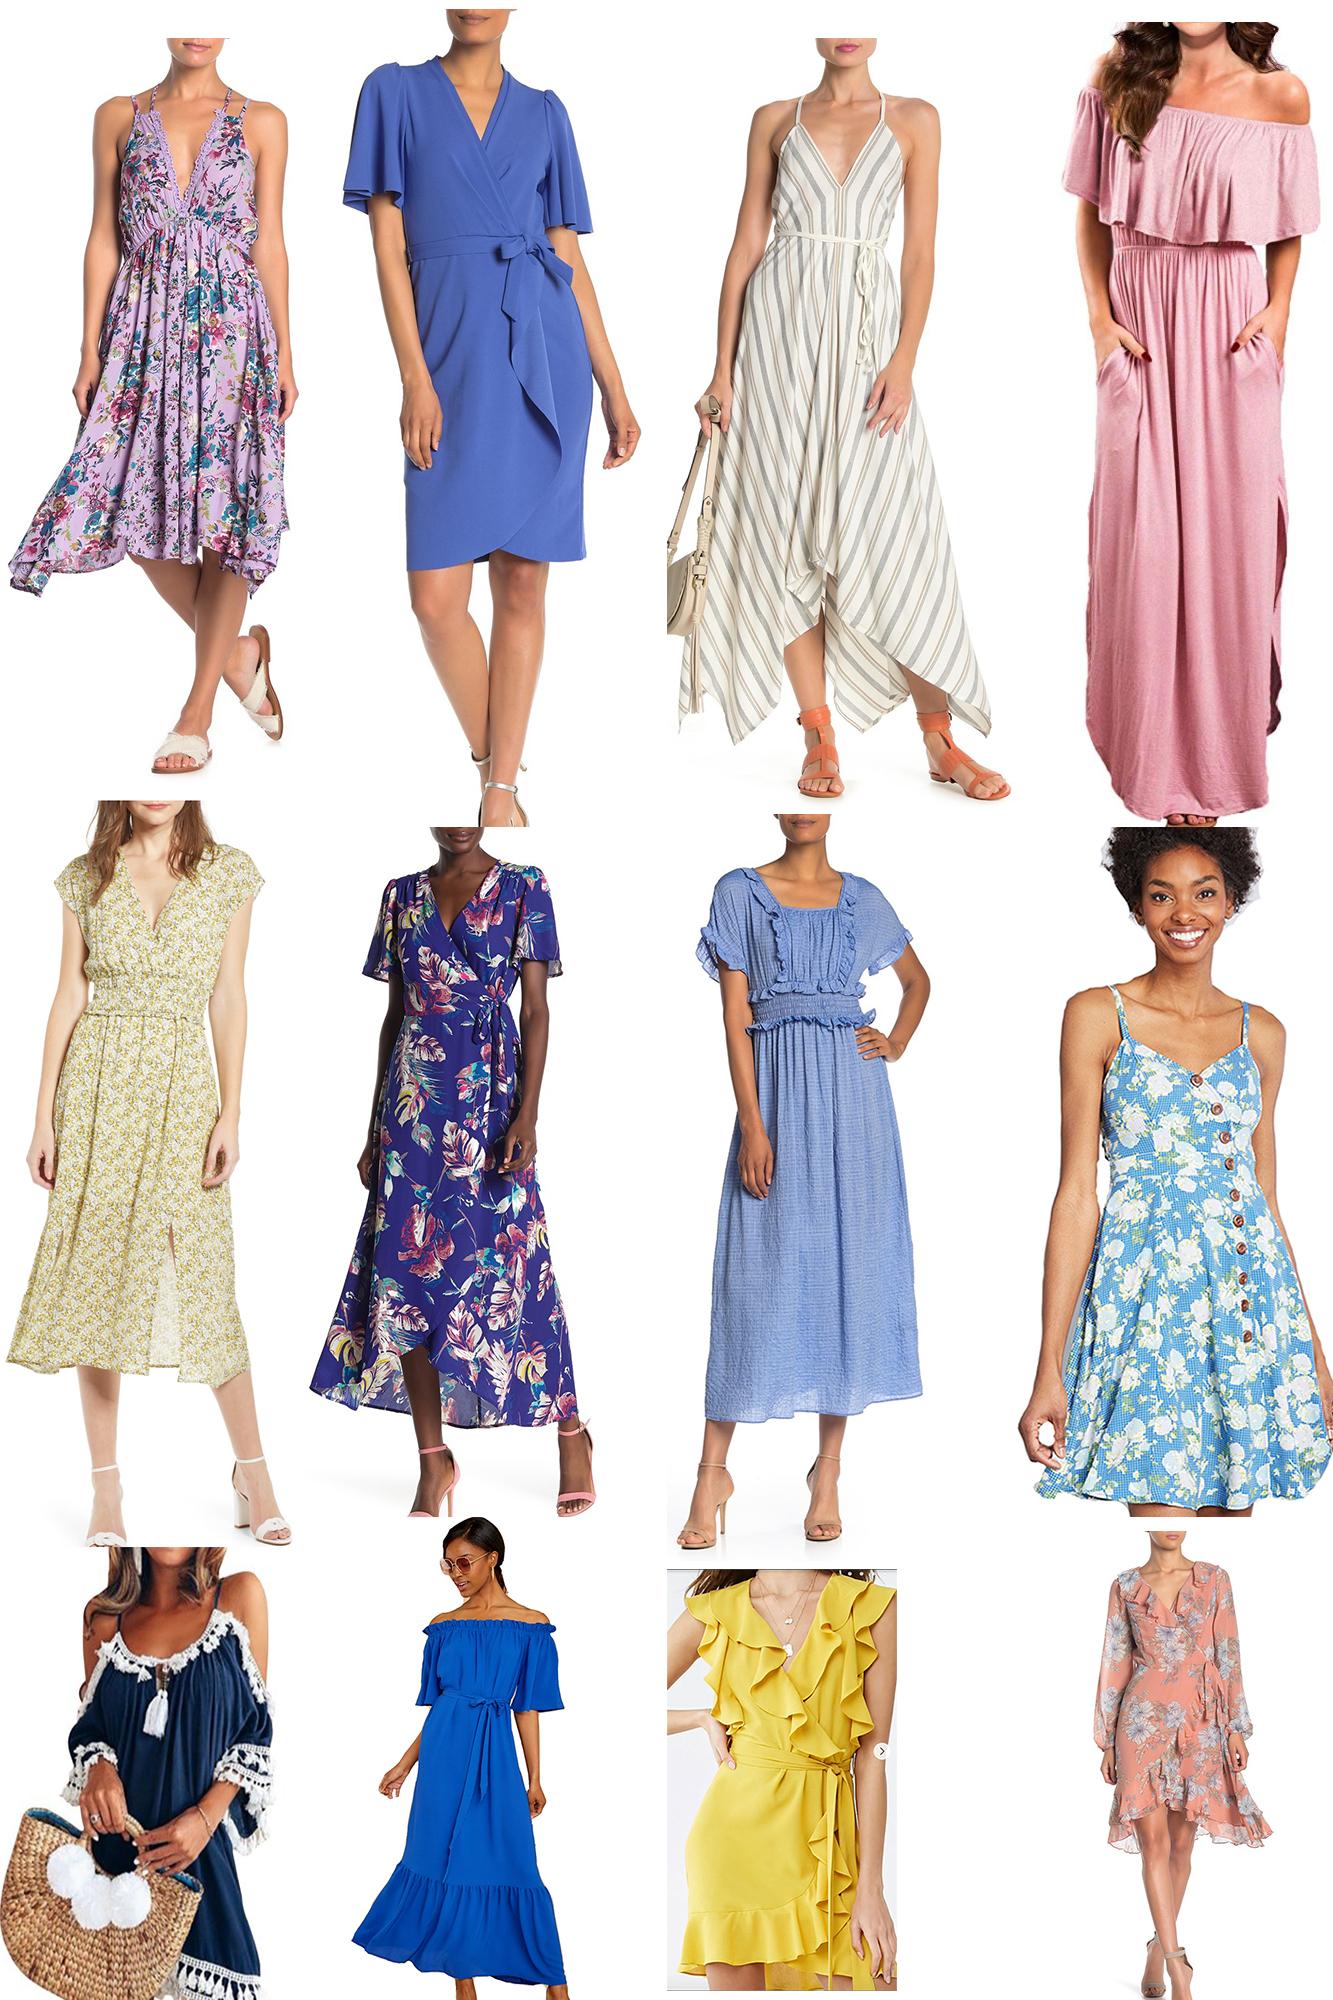 Največja izbira oblek za poletje – tudi za močnejše postave